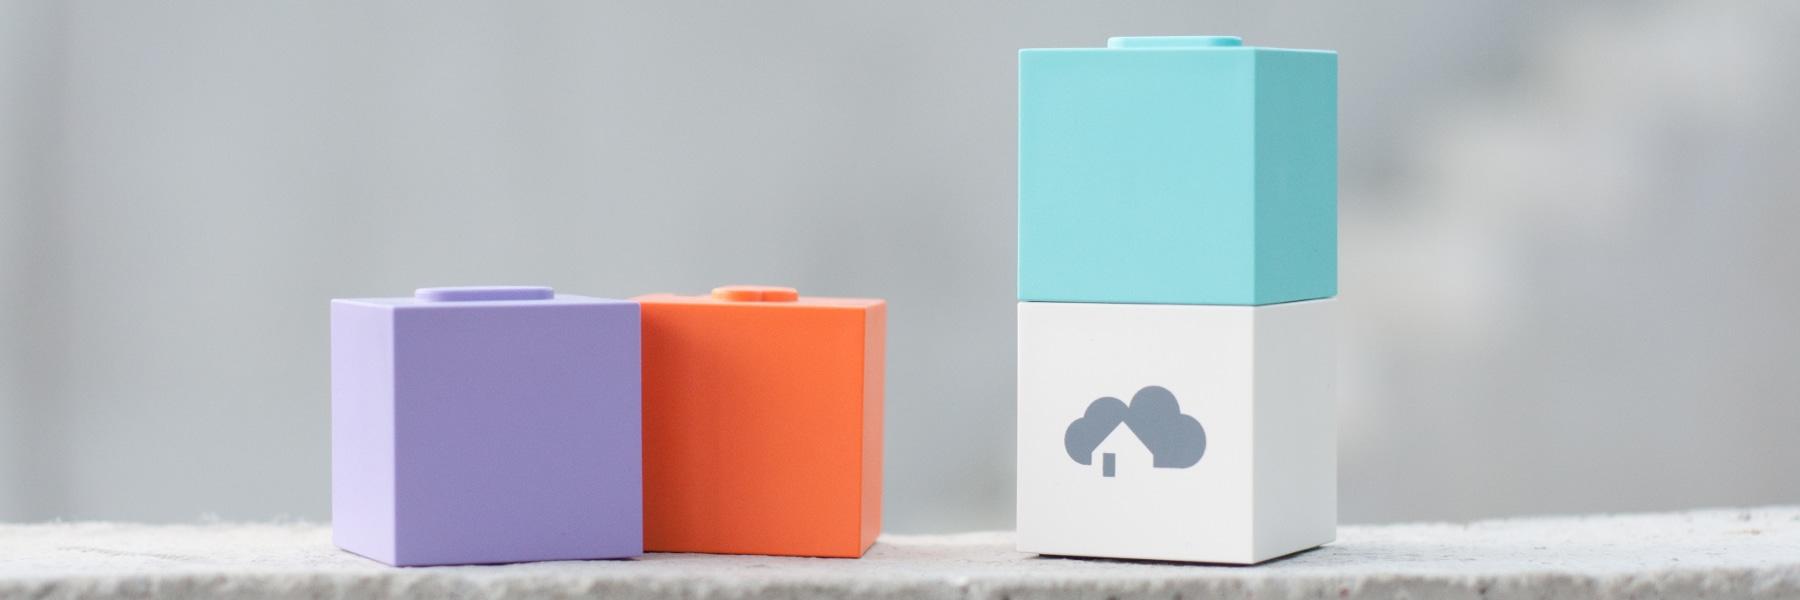 homee: Kleine Würfel binden hunderte neue Smart Home Geräte in HomeKit ein